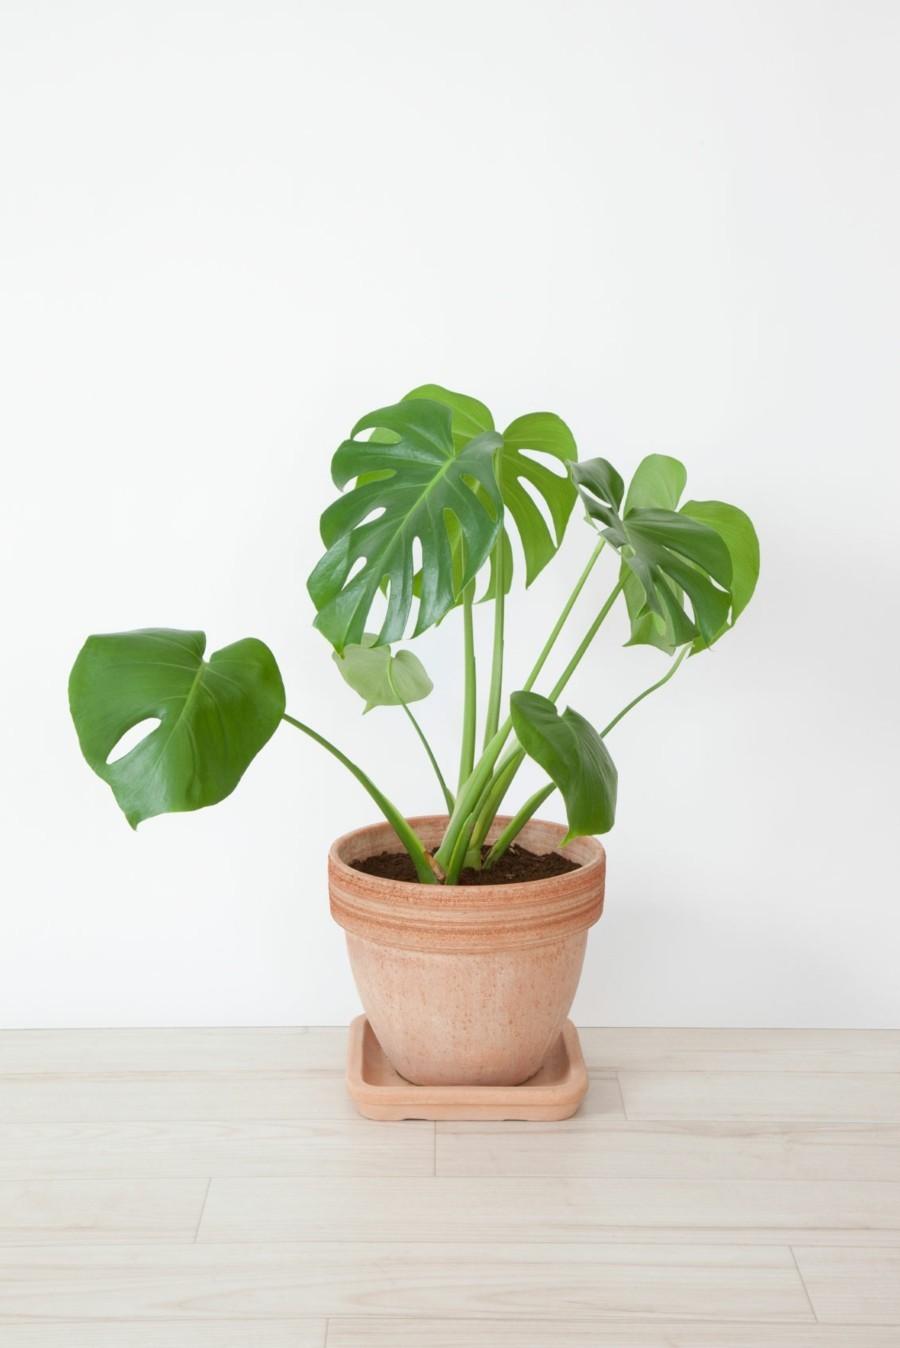 Pflanze mit gro en bl ttern ein herrlicher hingucker zu for Pflanzen zu hause